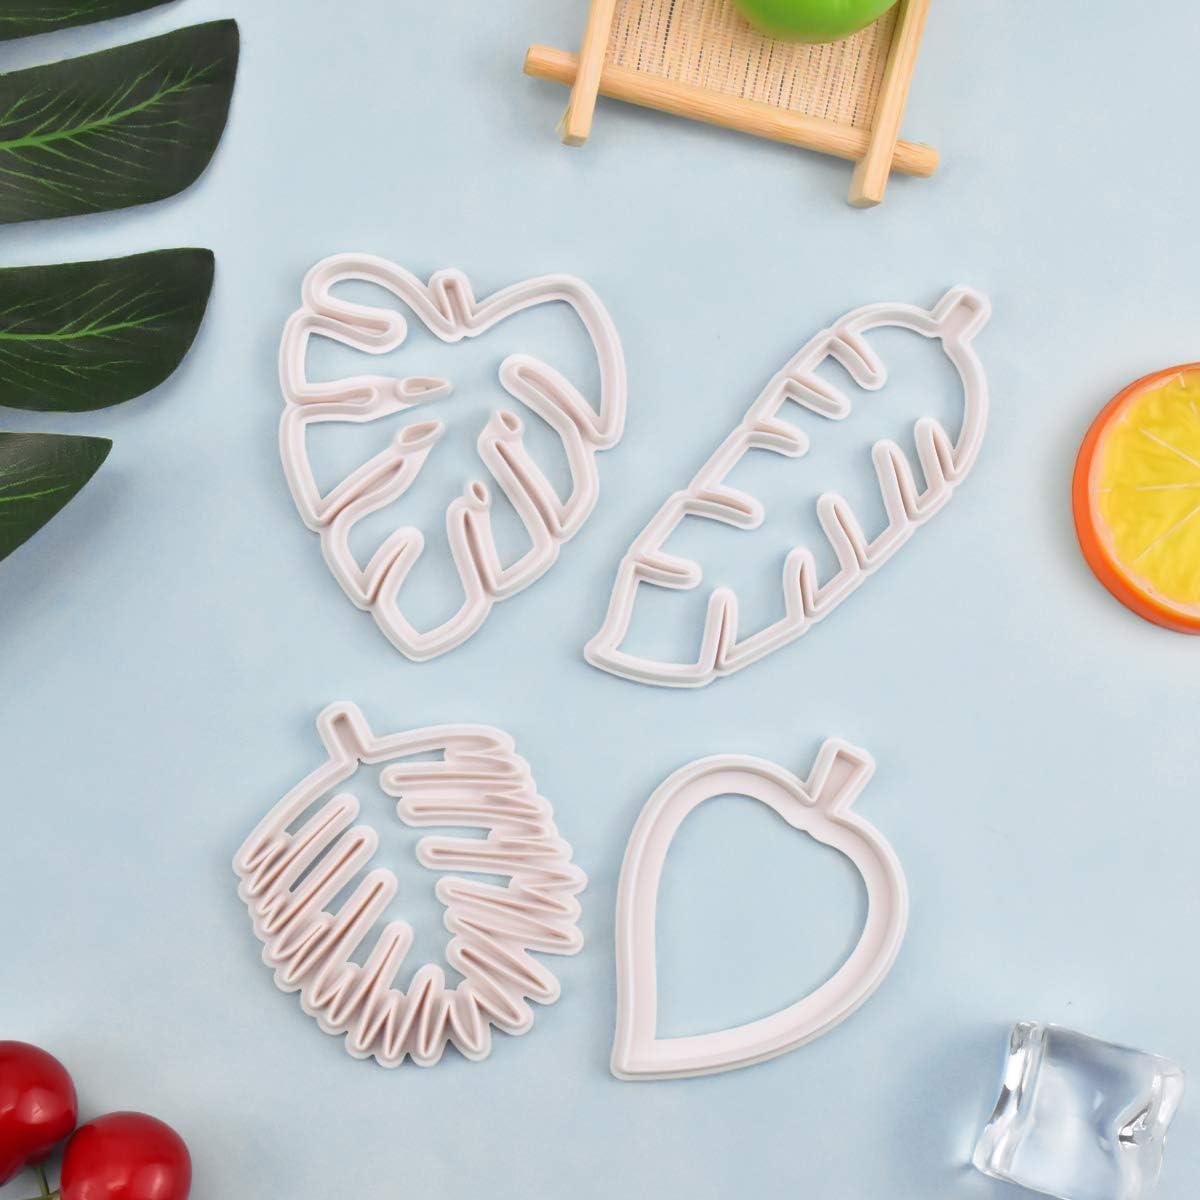 Jinlaili 4 St/ück Bl/ätter Ausstechformen Set Wei/ß Kunststoff Kuchen Dekorationsform f/ür DIY Keks Fondant Cupcake Tropische Blatt Keksformen von Verschiedenen Forme